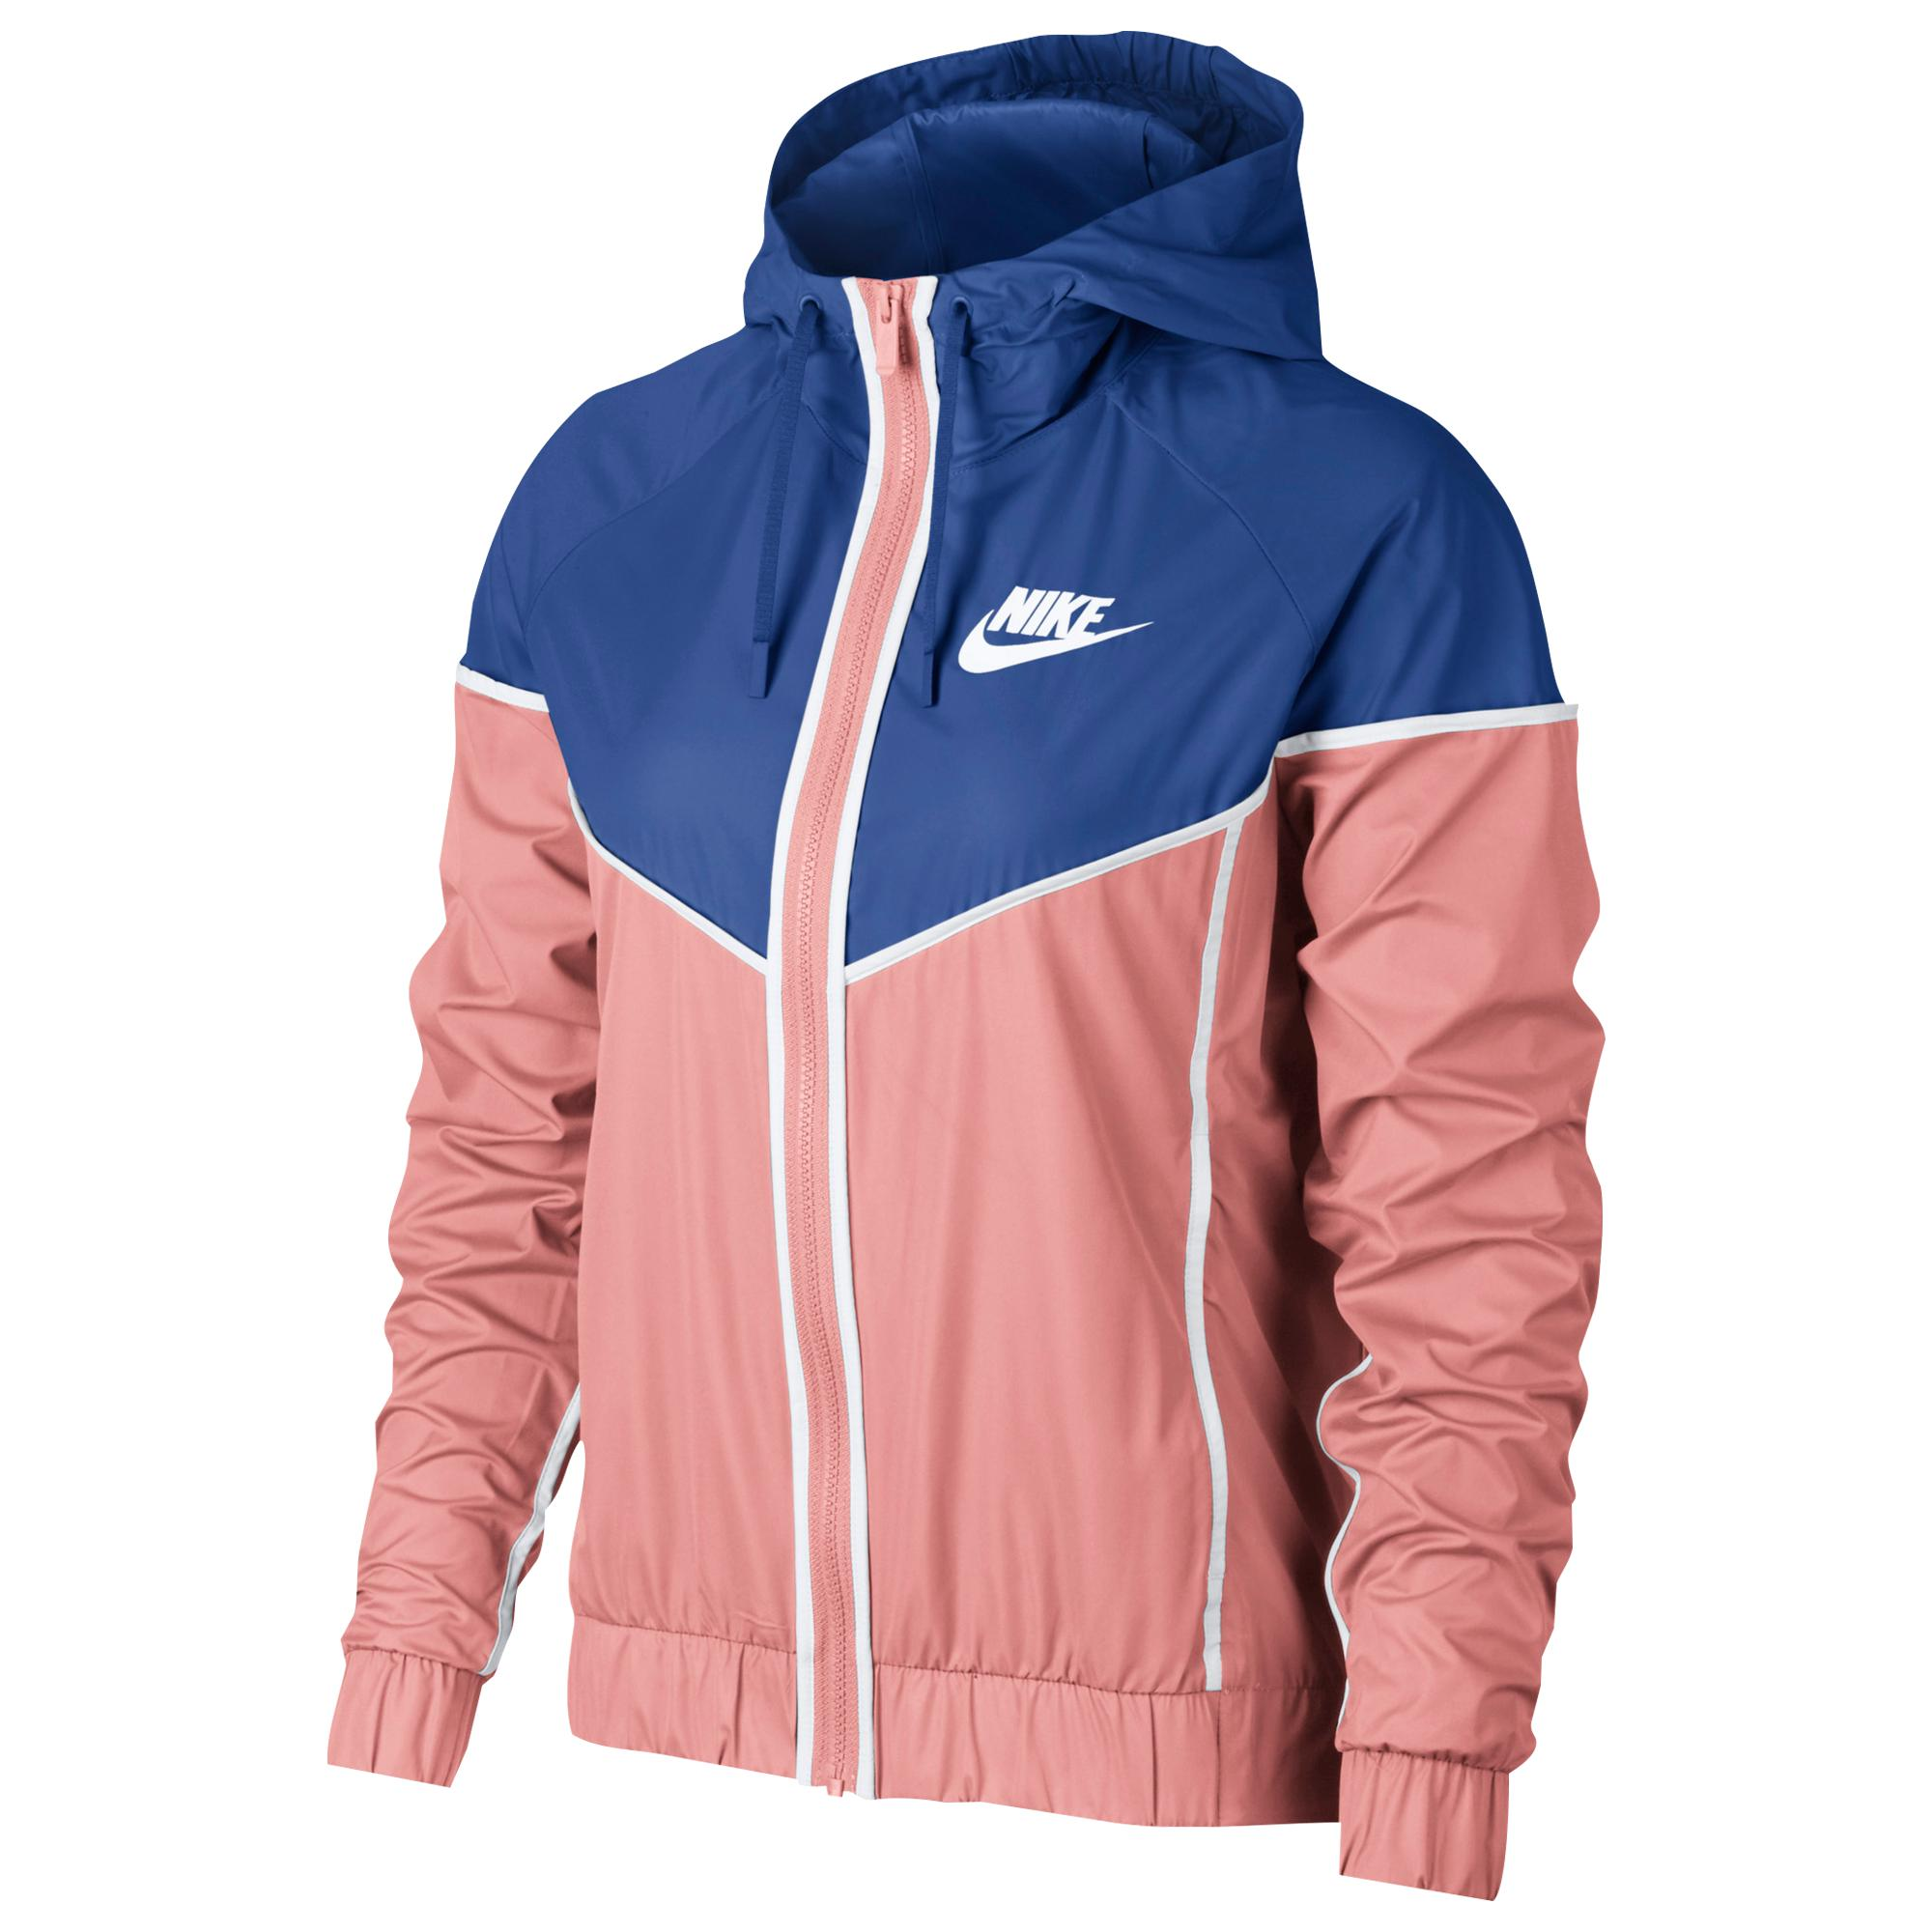 6562d5e29952 Lyst - Nike Sportswear Windrunner Women s Jacket in Blue - Save 31%